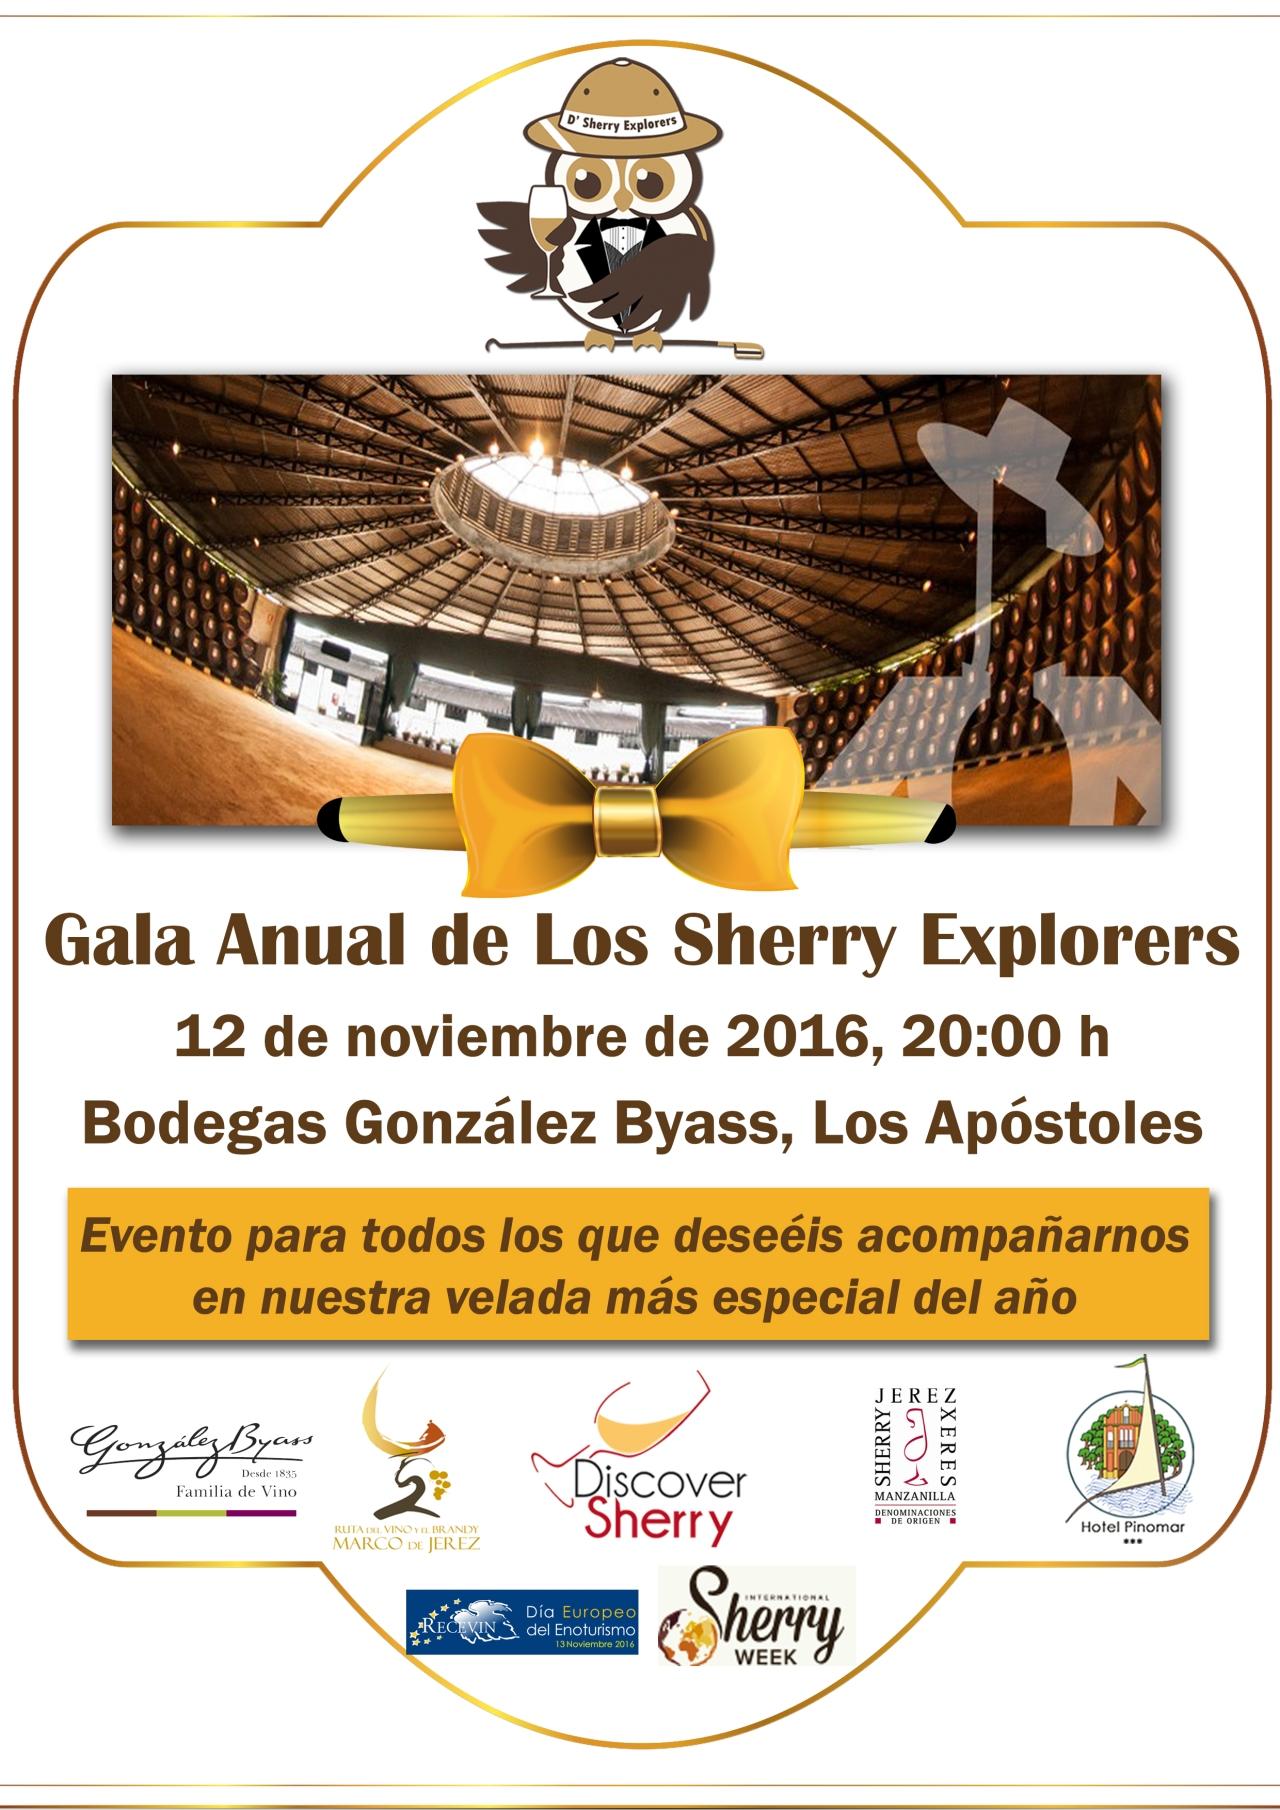 Toda la información sobre la Gala Anual de los Sherry Explorers del 12 de noviembre 2016(Español)